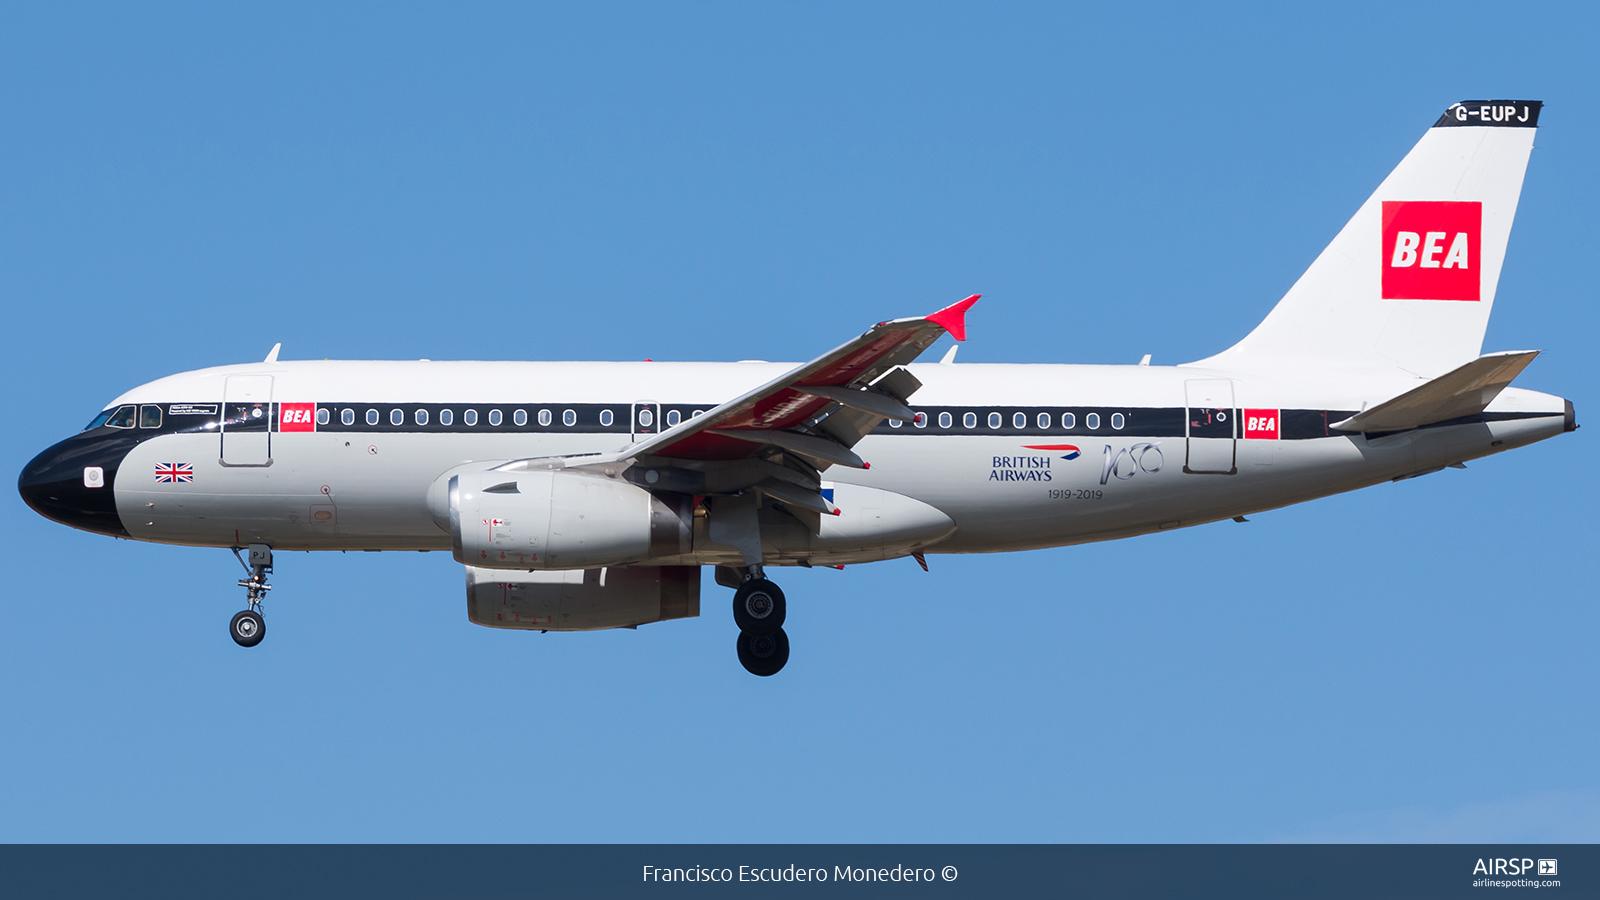 British Airways  Airbus A319  G-EUPJ